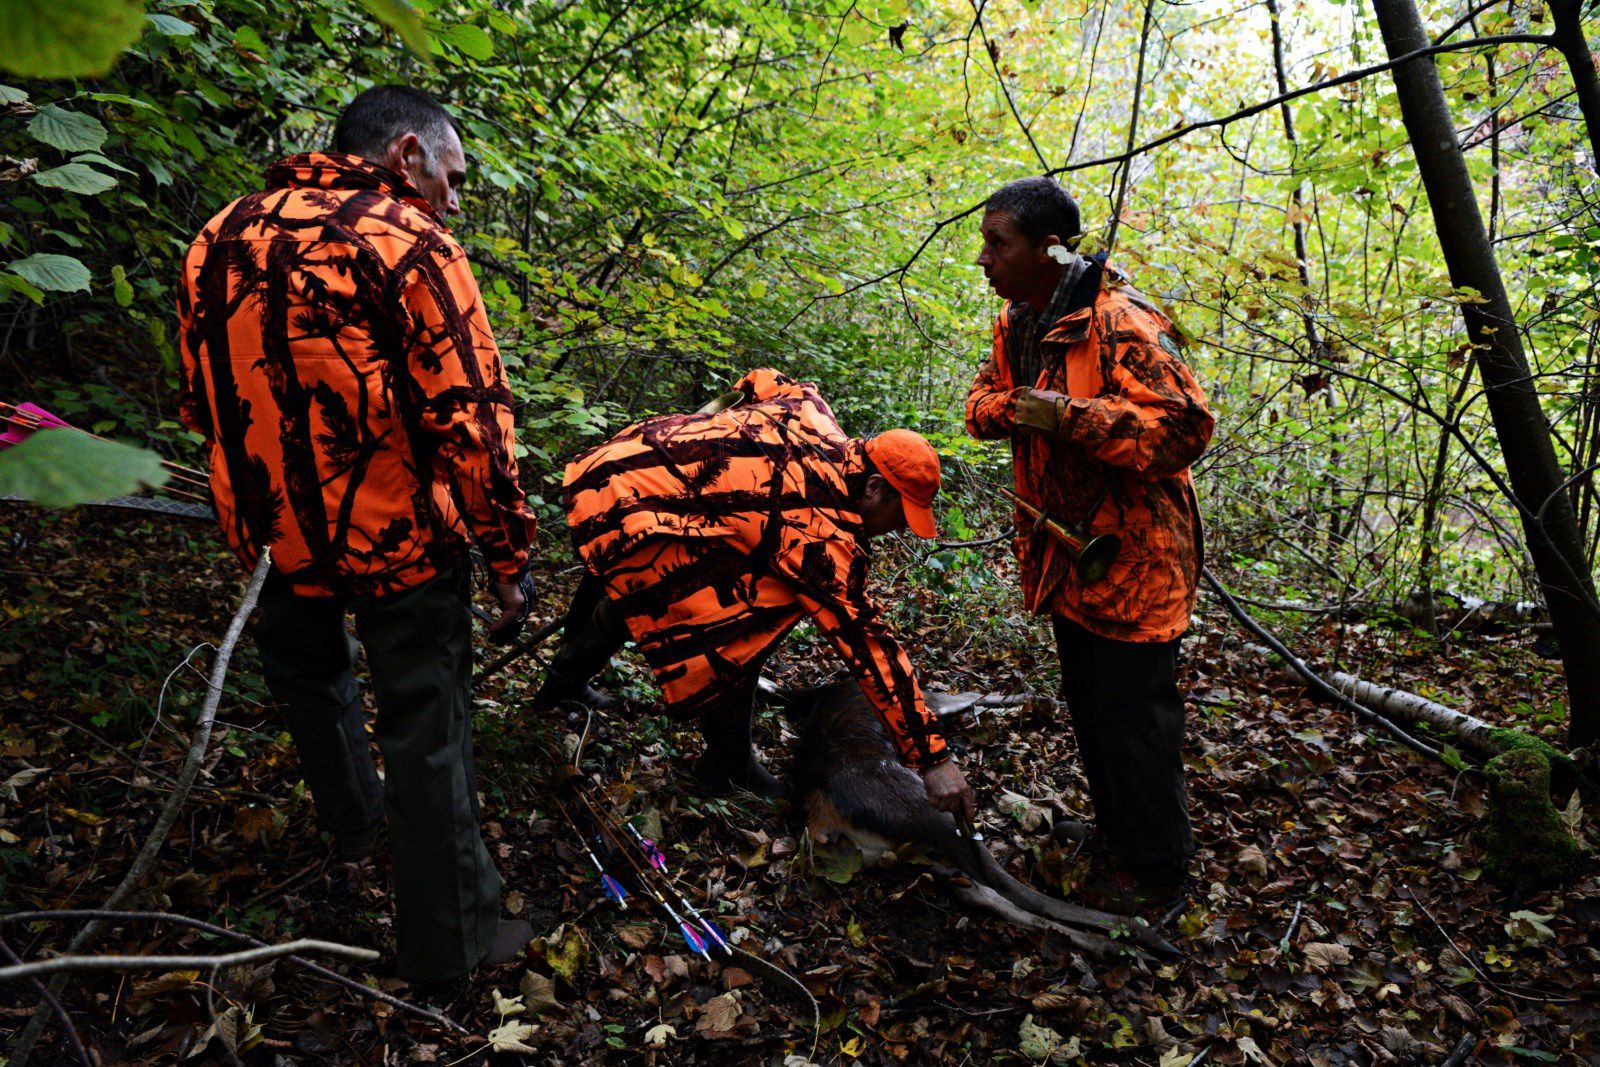 Ouverture chasse à l'arc au Bois Saint Denis